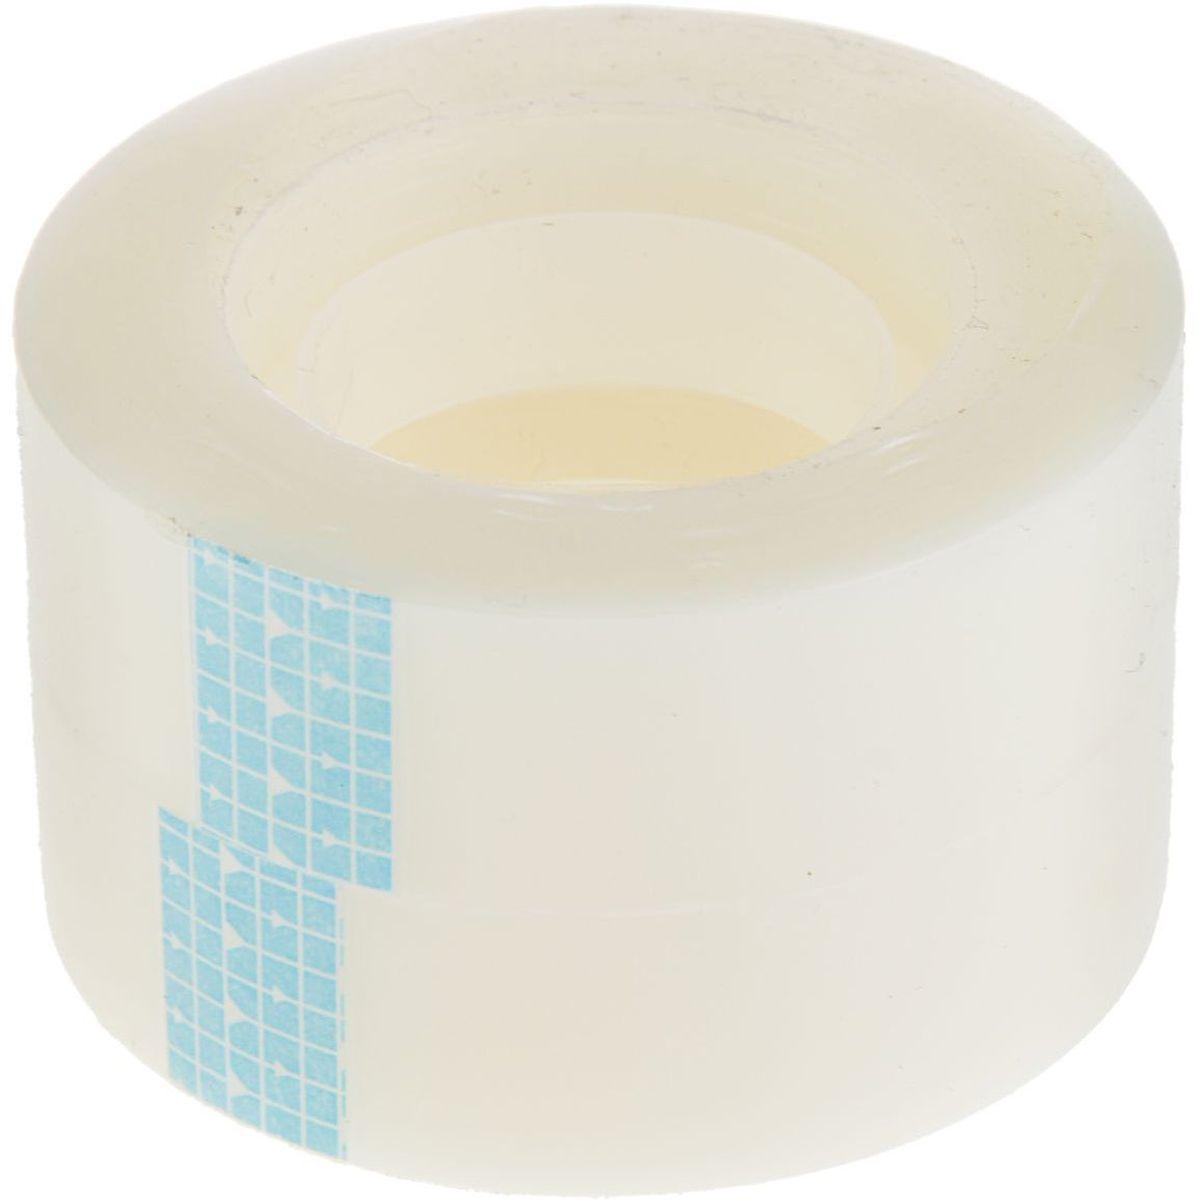 Beifa Клейкая лента 15 мм х 33 м 2 шт2371998Клейкая лента на полипропиленовой основе - это водонепроницаемое изделие, которое способно противостоять широкому диапазону температур. Применяется в быту для упаковки легких и тяжелых коробок, изготовленных из гофрокартона, строительных смесей, масложировой продукции и мороженого, канцелярских товаров, промышленных товаров.Клейкая лента поможет скрепить предметы в любой ситуации, например, если вы делаете ремонт или меняете место жительства и пакуете коробки.